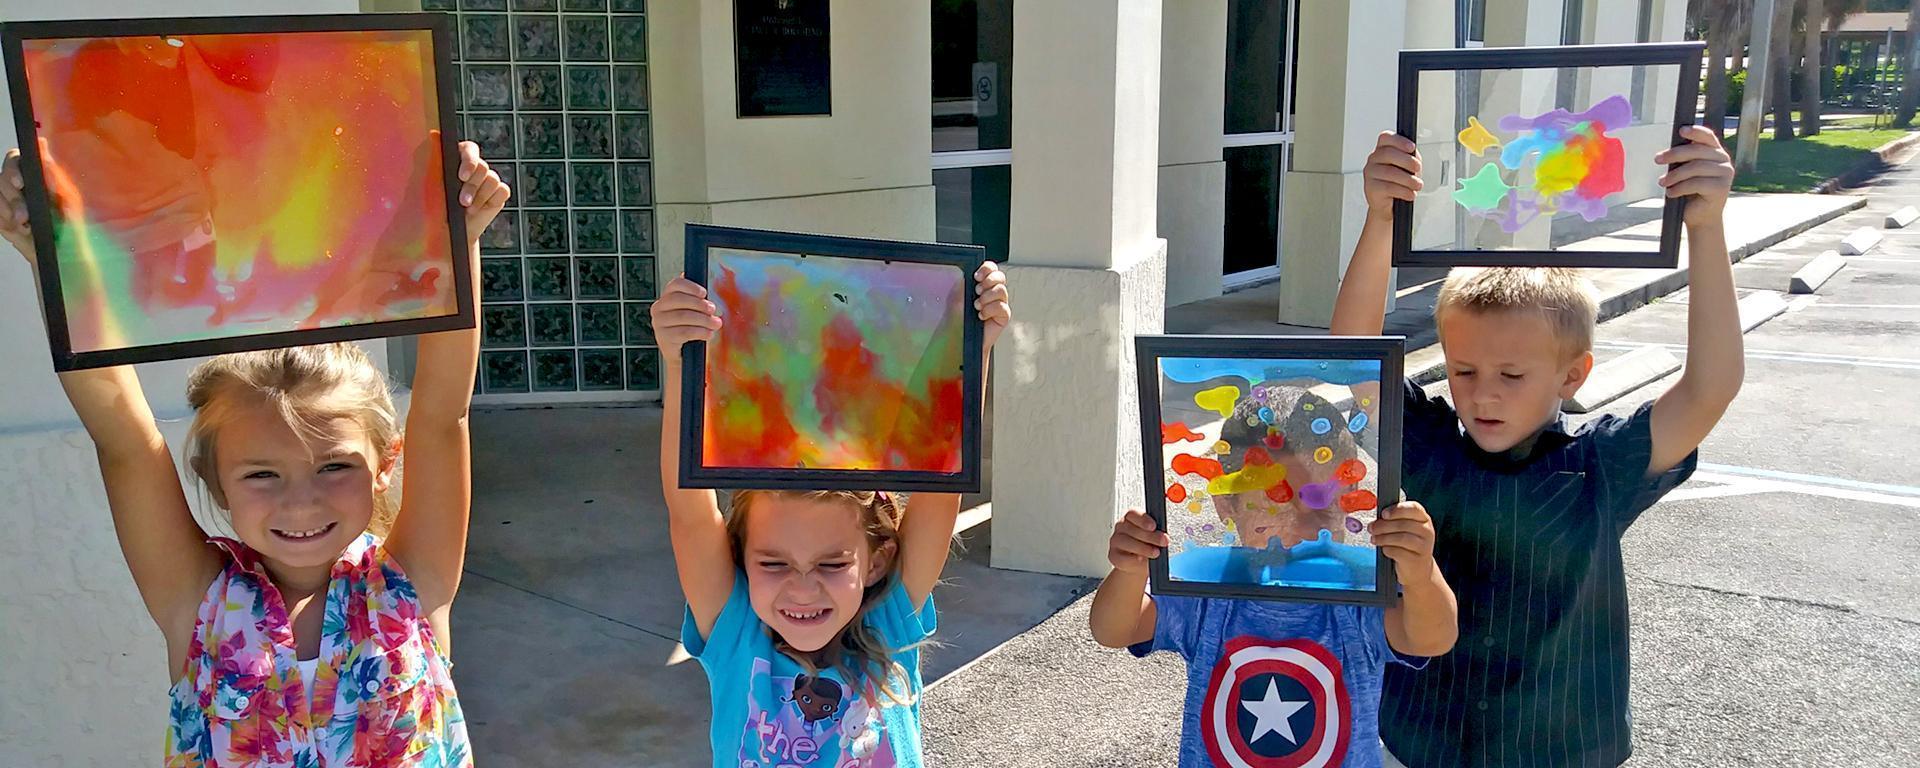 Kid holding artwork